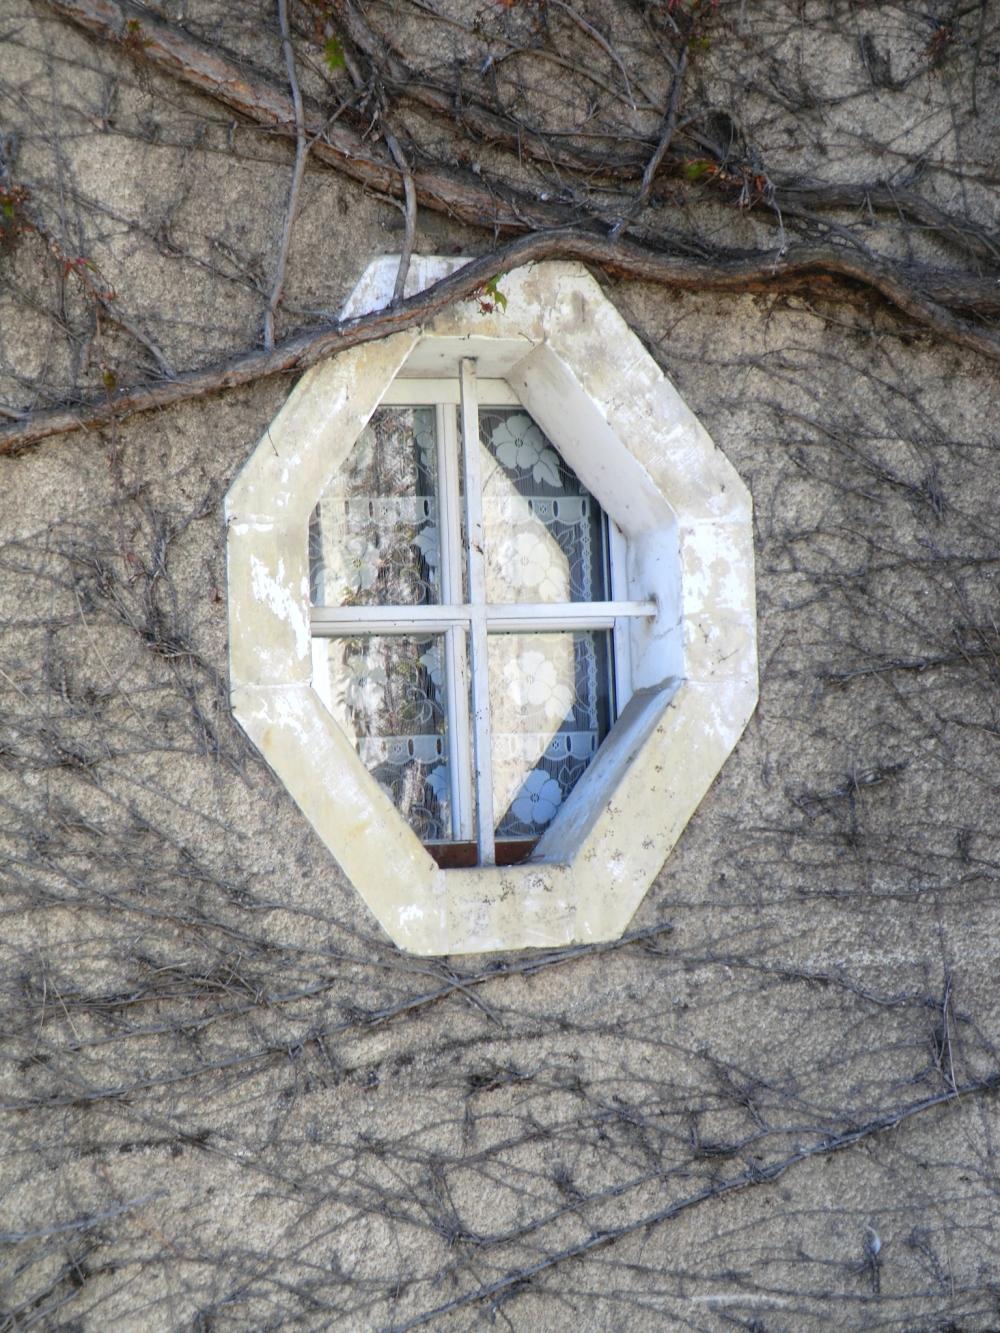 Hublot d'une fenêtre